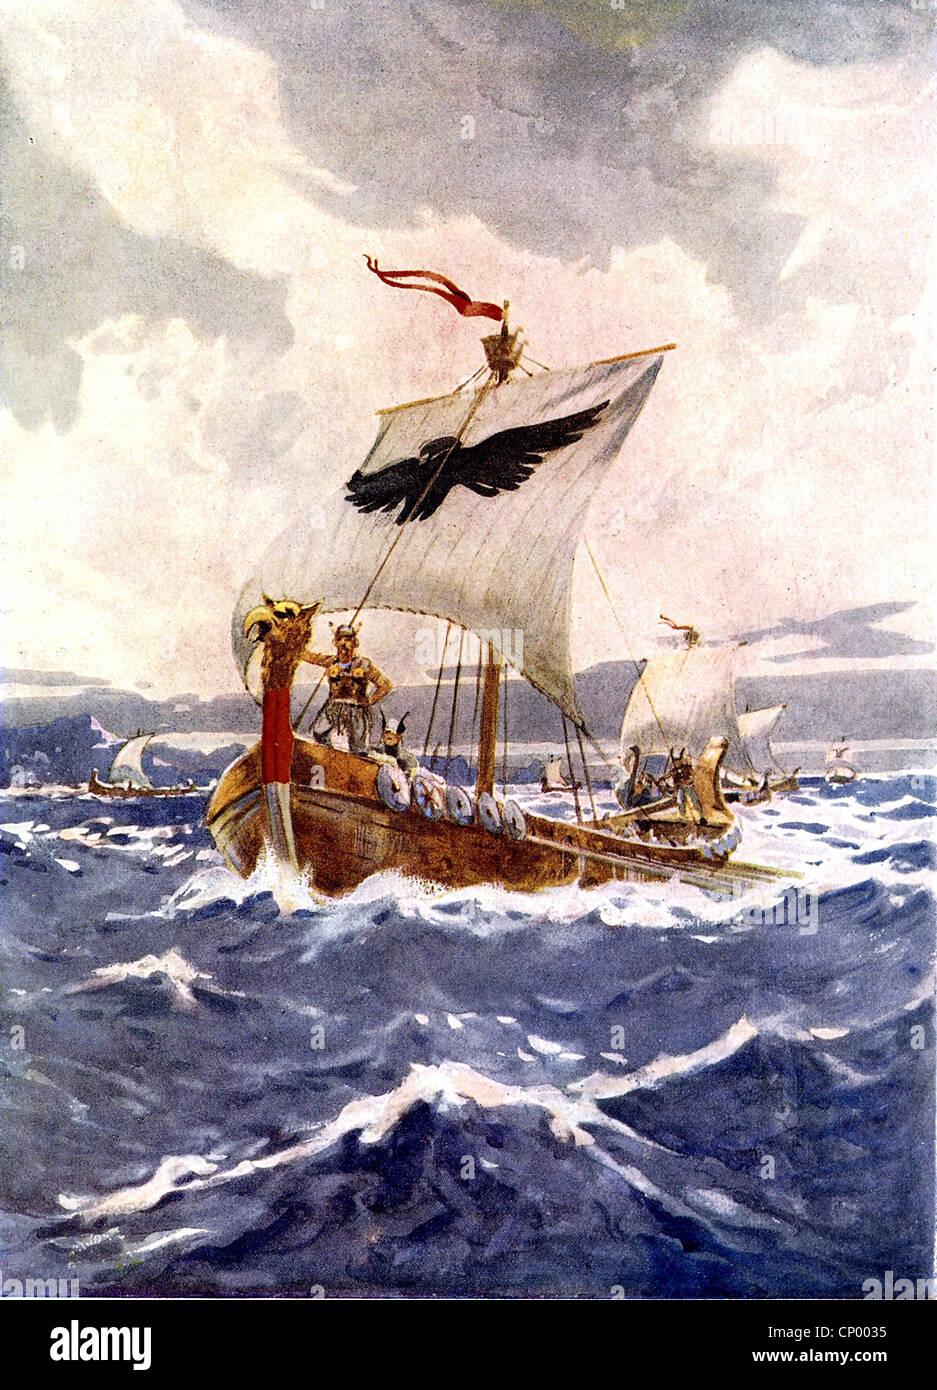 Moyen Âge, Vikings, Viking Ship, navigation, peinture par Arch Webb, historiques, Historiques, bateaux, bateau, Photo Stock